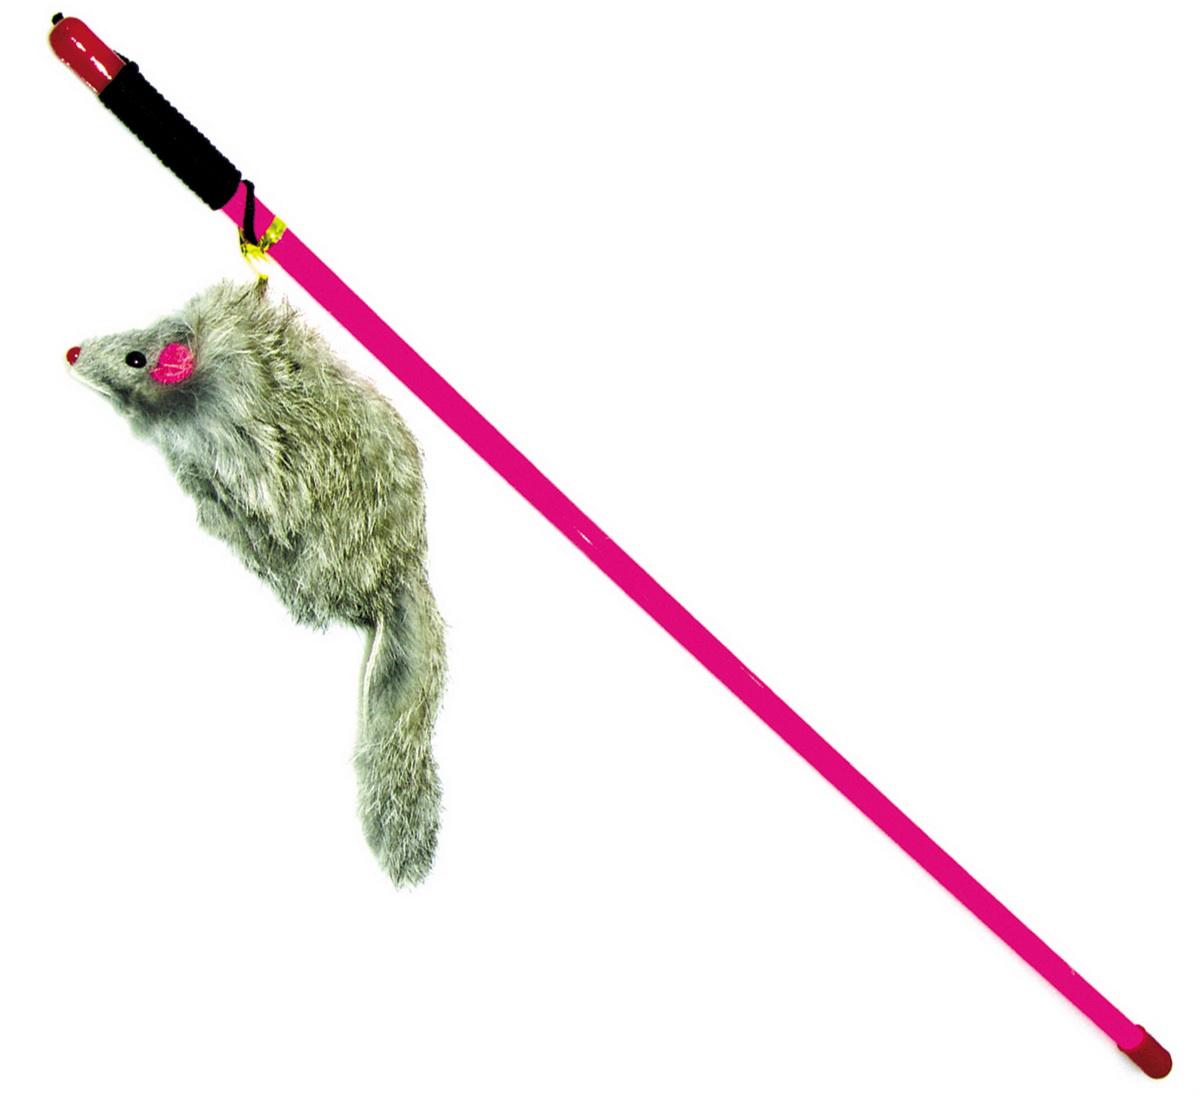 Игрушка-дразнилка для кошек Dezzie Мышь, 47 см314Игрушка-дразнилка для кошек Dezzie Мышь станет любимой игрушкой для кошек и котят.Мышка серого цвета на конце дразнилки сразу привлечет внимание вашего любимца, не навредит здоровью, и заинтересует его на долгое время. Играя с этой забавной игрушкой, маленькие котята развиваются физически, а взрослые кошки и коты поддерживают свой мышечный тонус.Длина игрушки: 47 см.